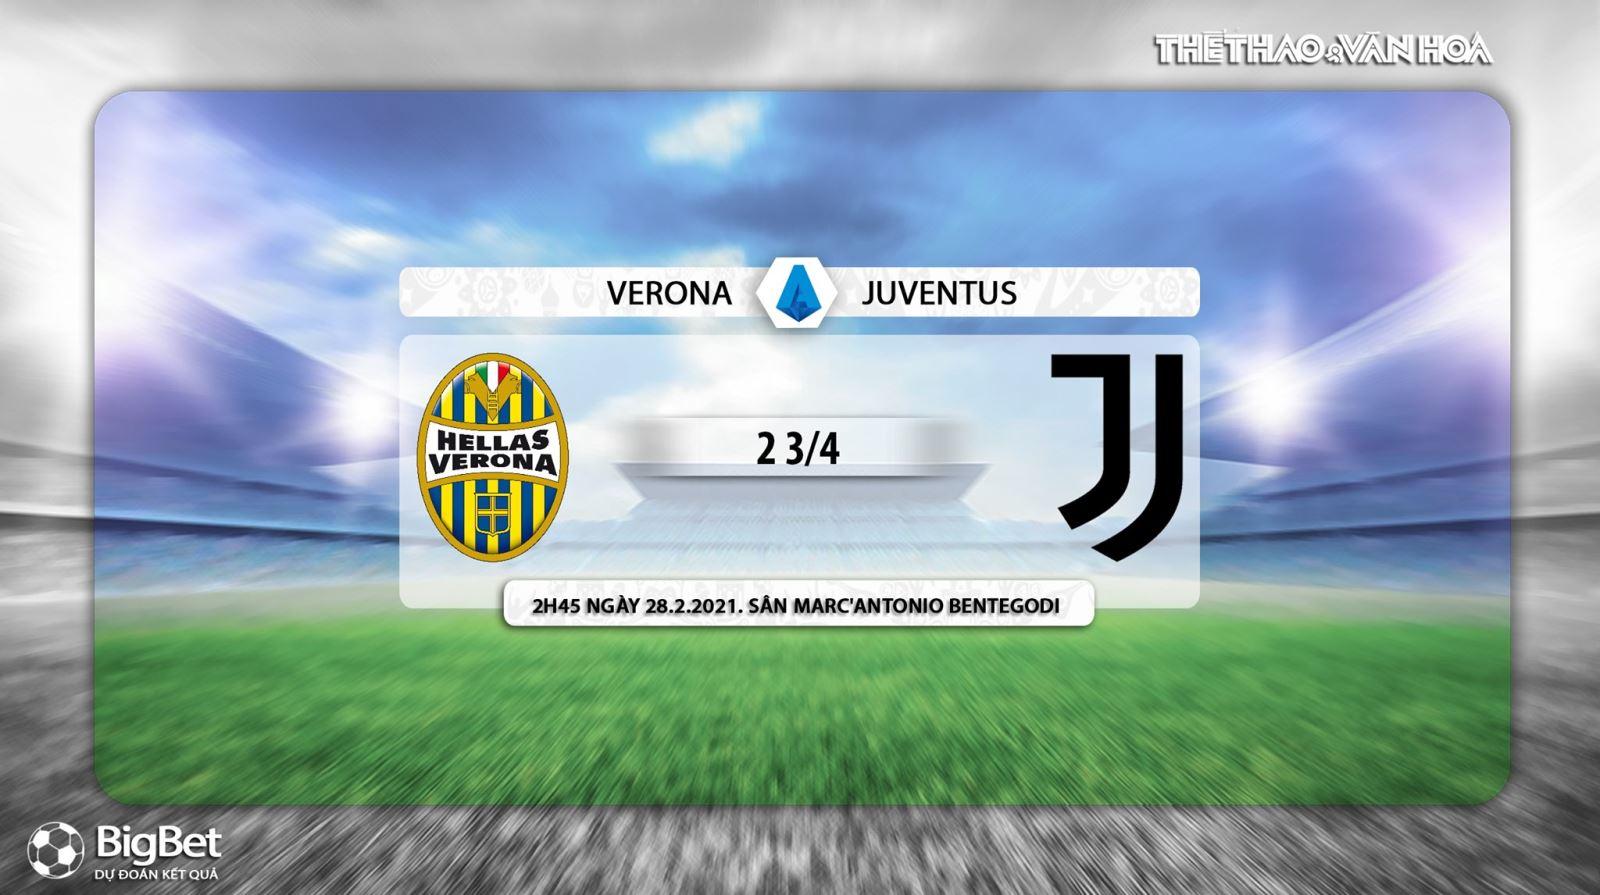 Keo nha cai, Kèo nhà cái, Verona vs Juventus, Trực tiếp bóng đá Italia hôm nay, FPT Play, soi kèo bóng đá Verona vs Juventus, trực tiếp bóng đá Serie A, kèo Juventus, FPT